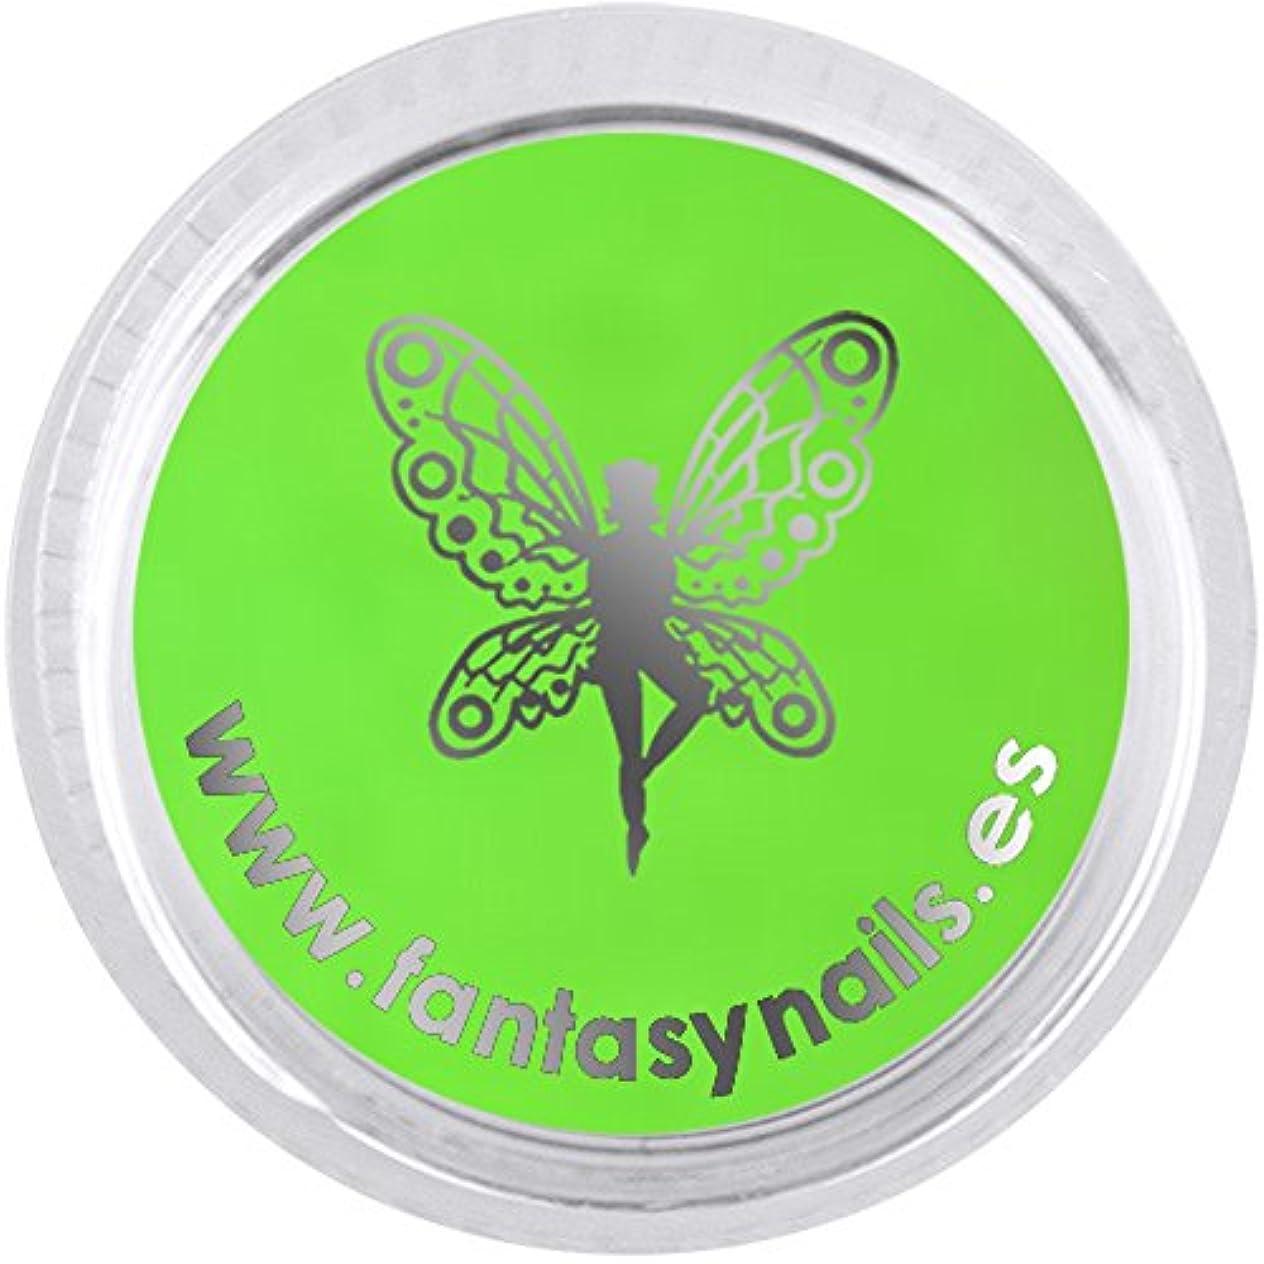 グラス電話シャープFANTASY NAIL フラワーコレクション 3g 4764XS カラーパウダー アート材